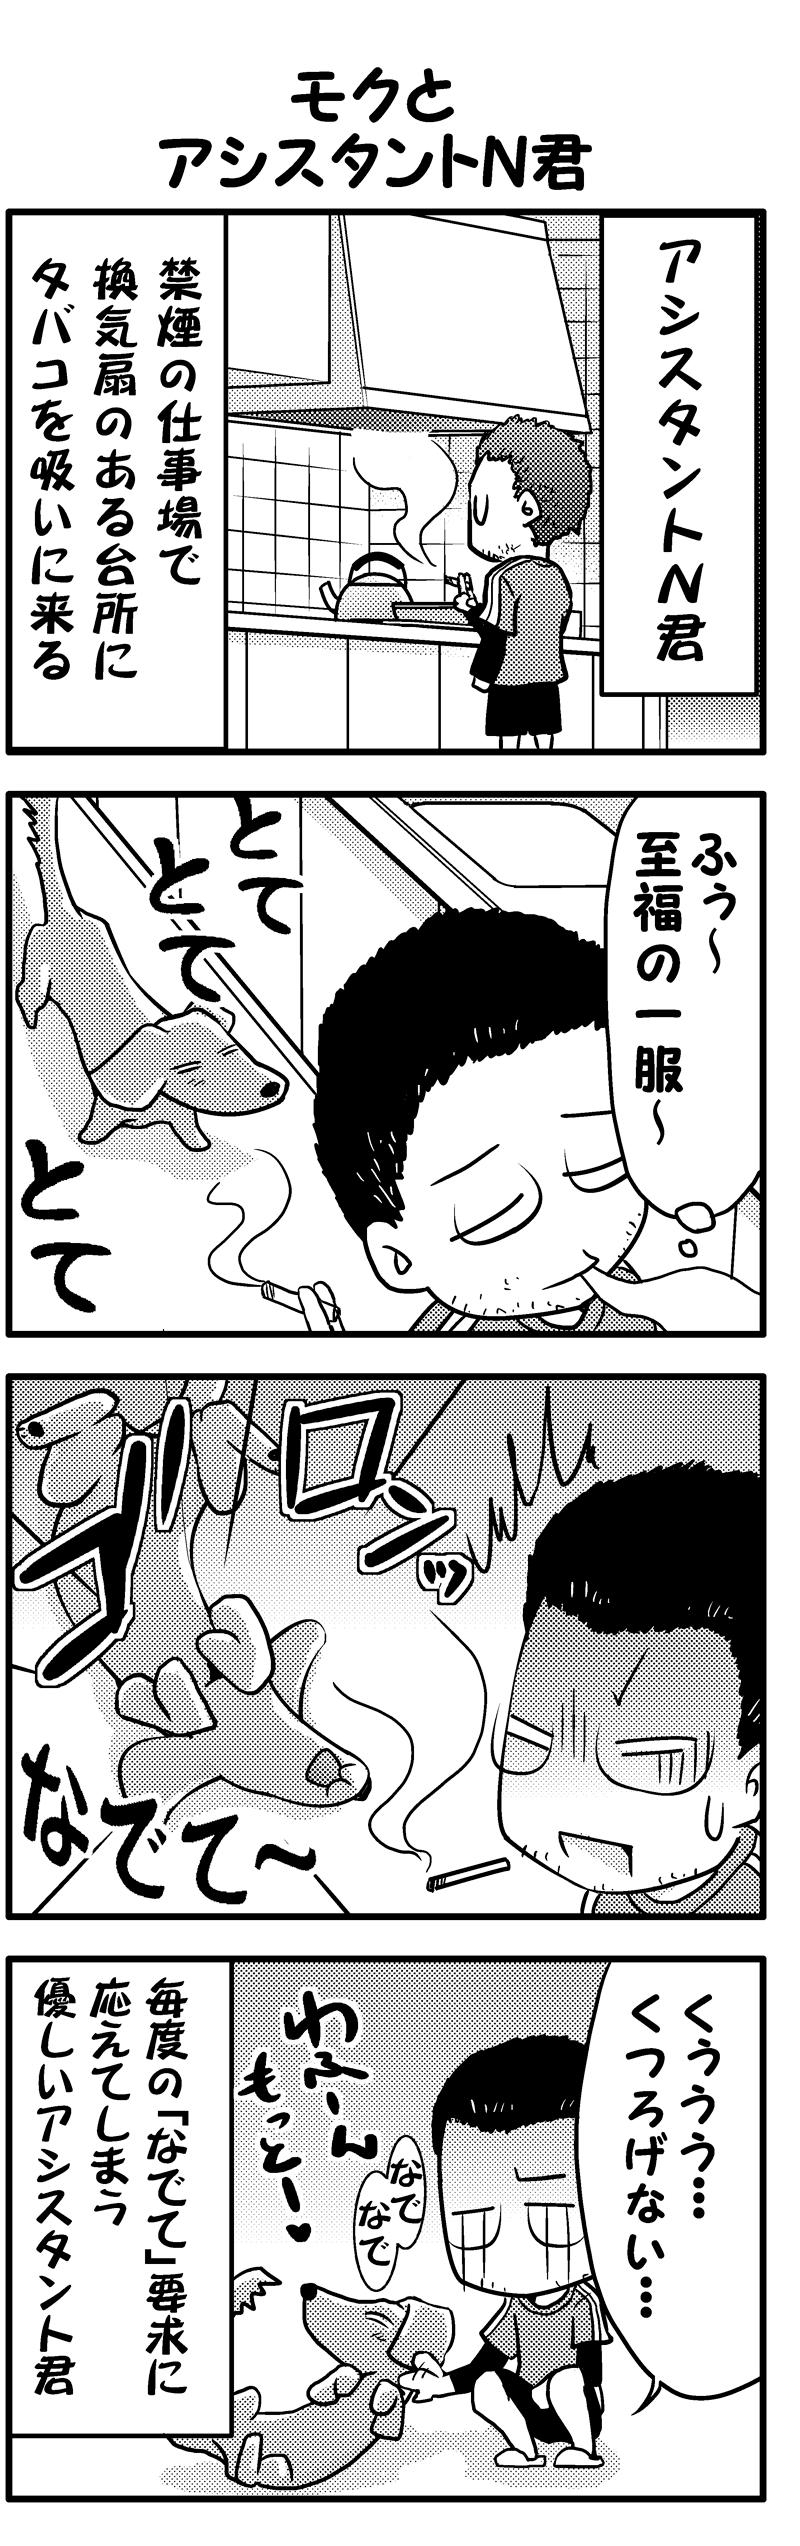 モクとアシスタントN君(前)